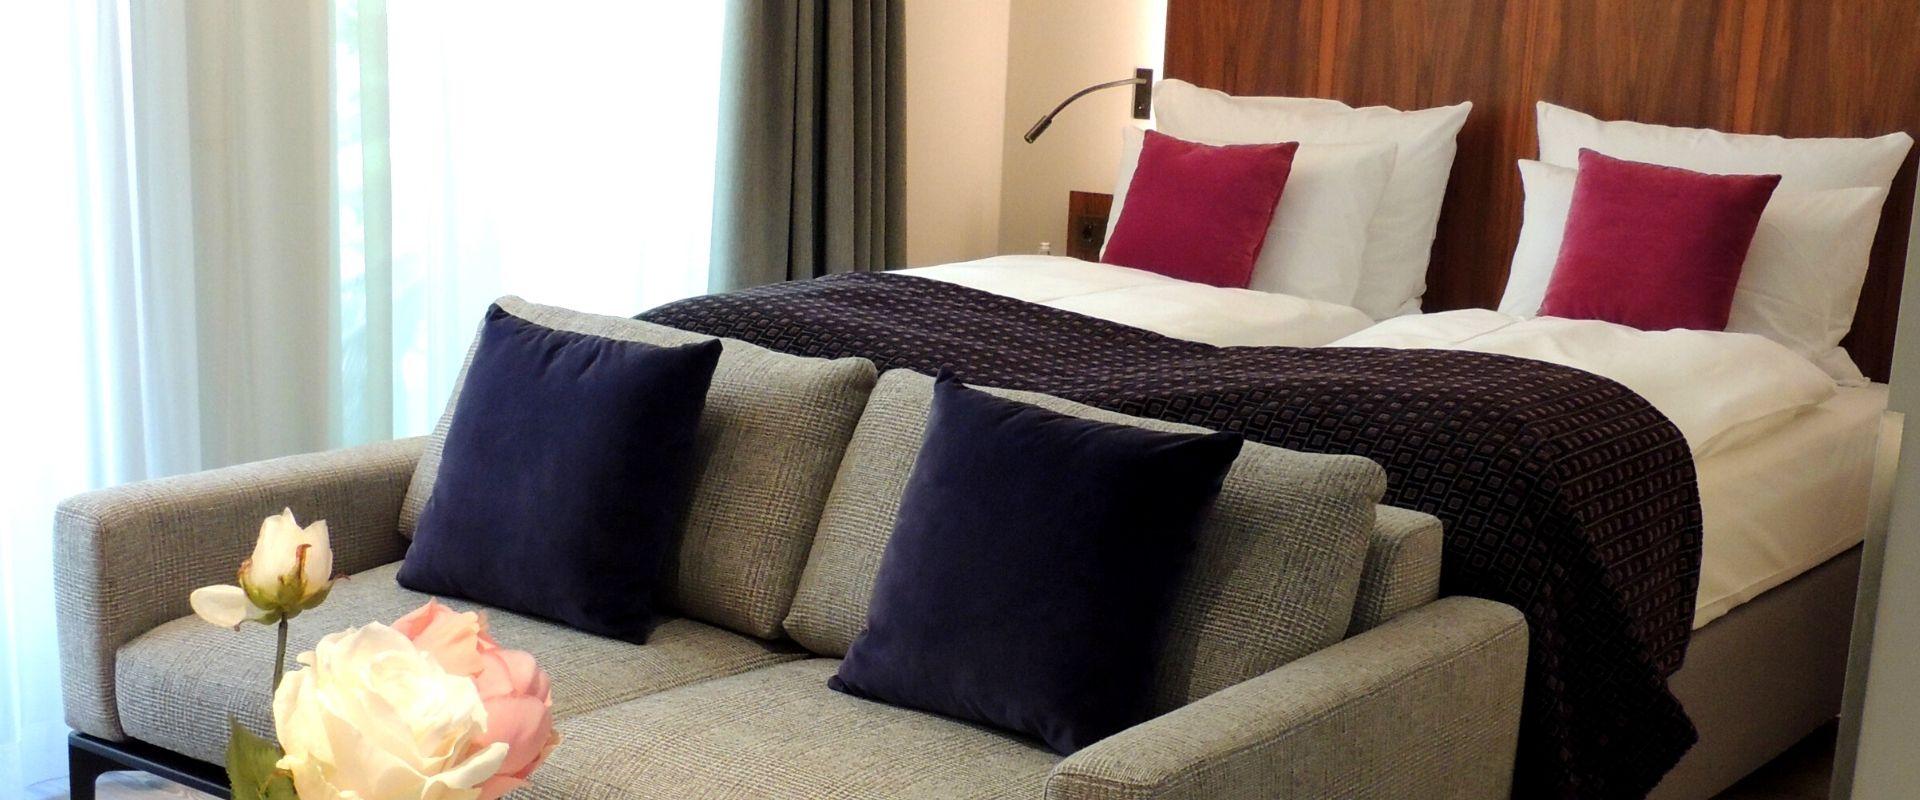 bett couch hotelzimmer maximilian munich header